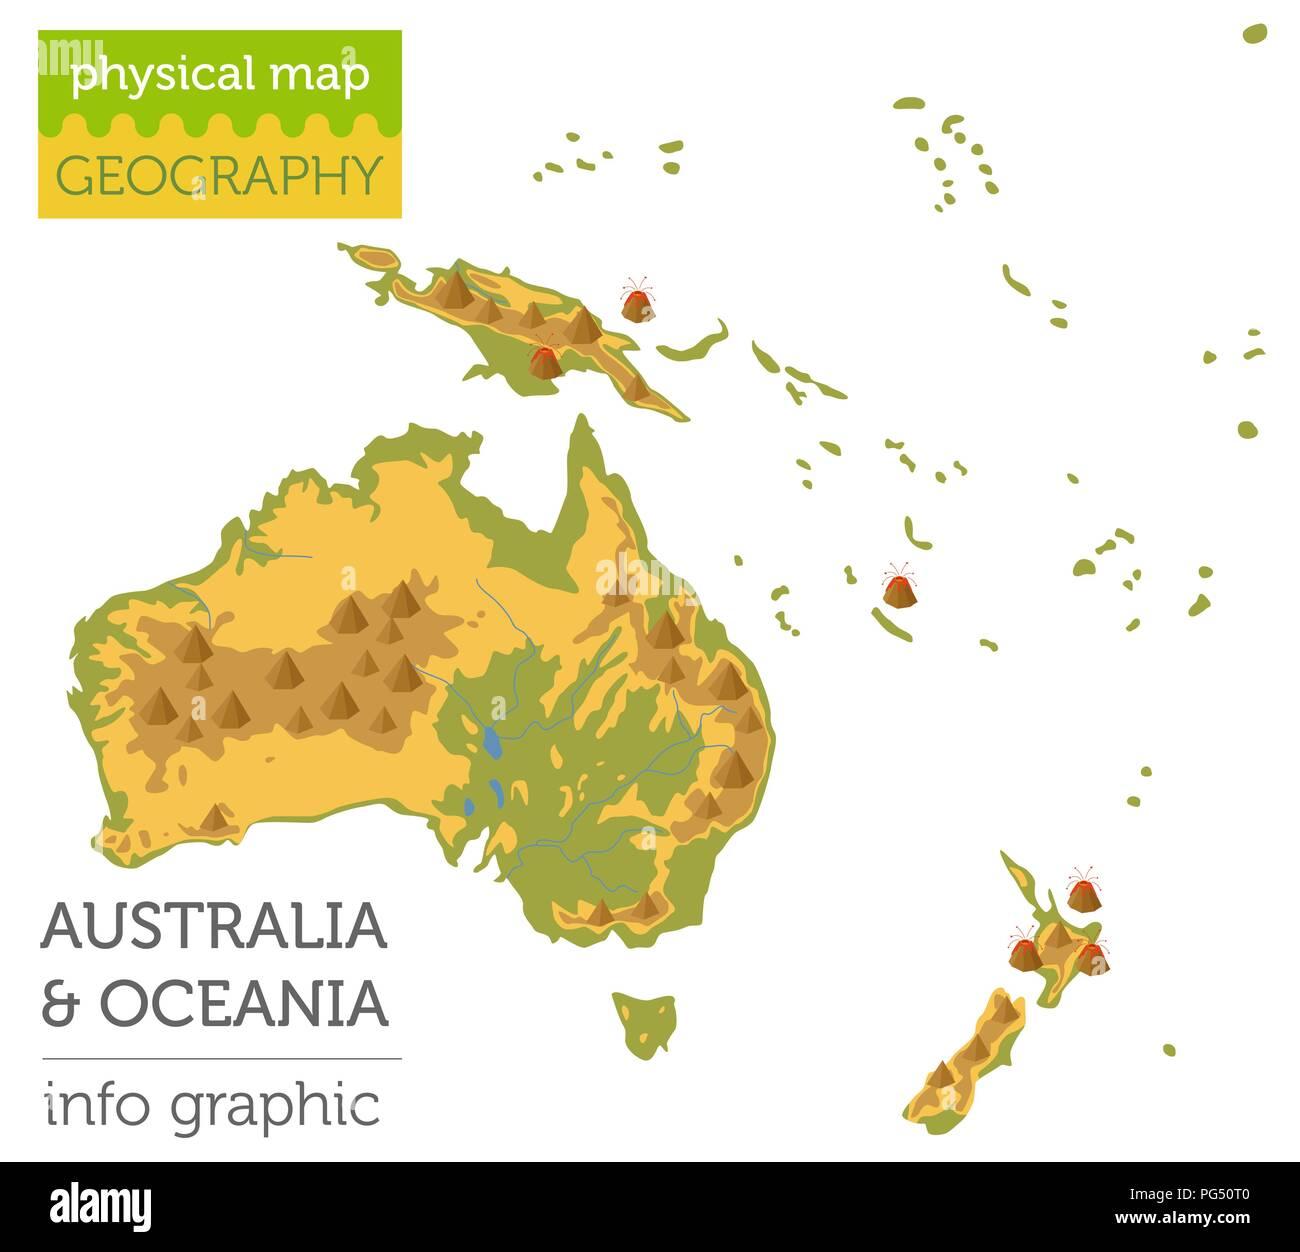 Australia Oceania: Australasia Map Stock Photos & Australasia Map Stock